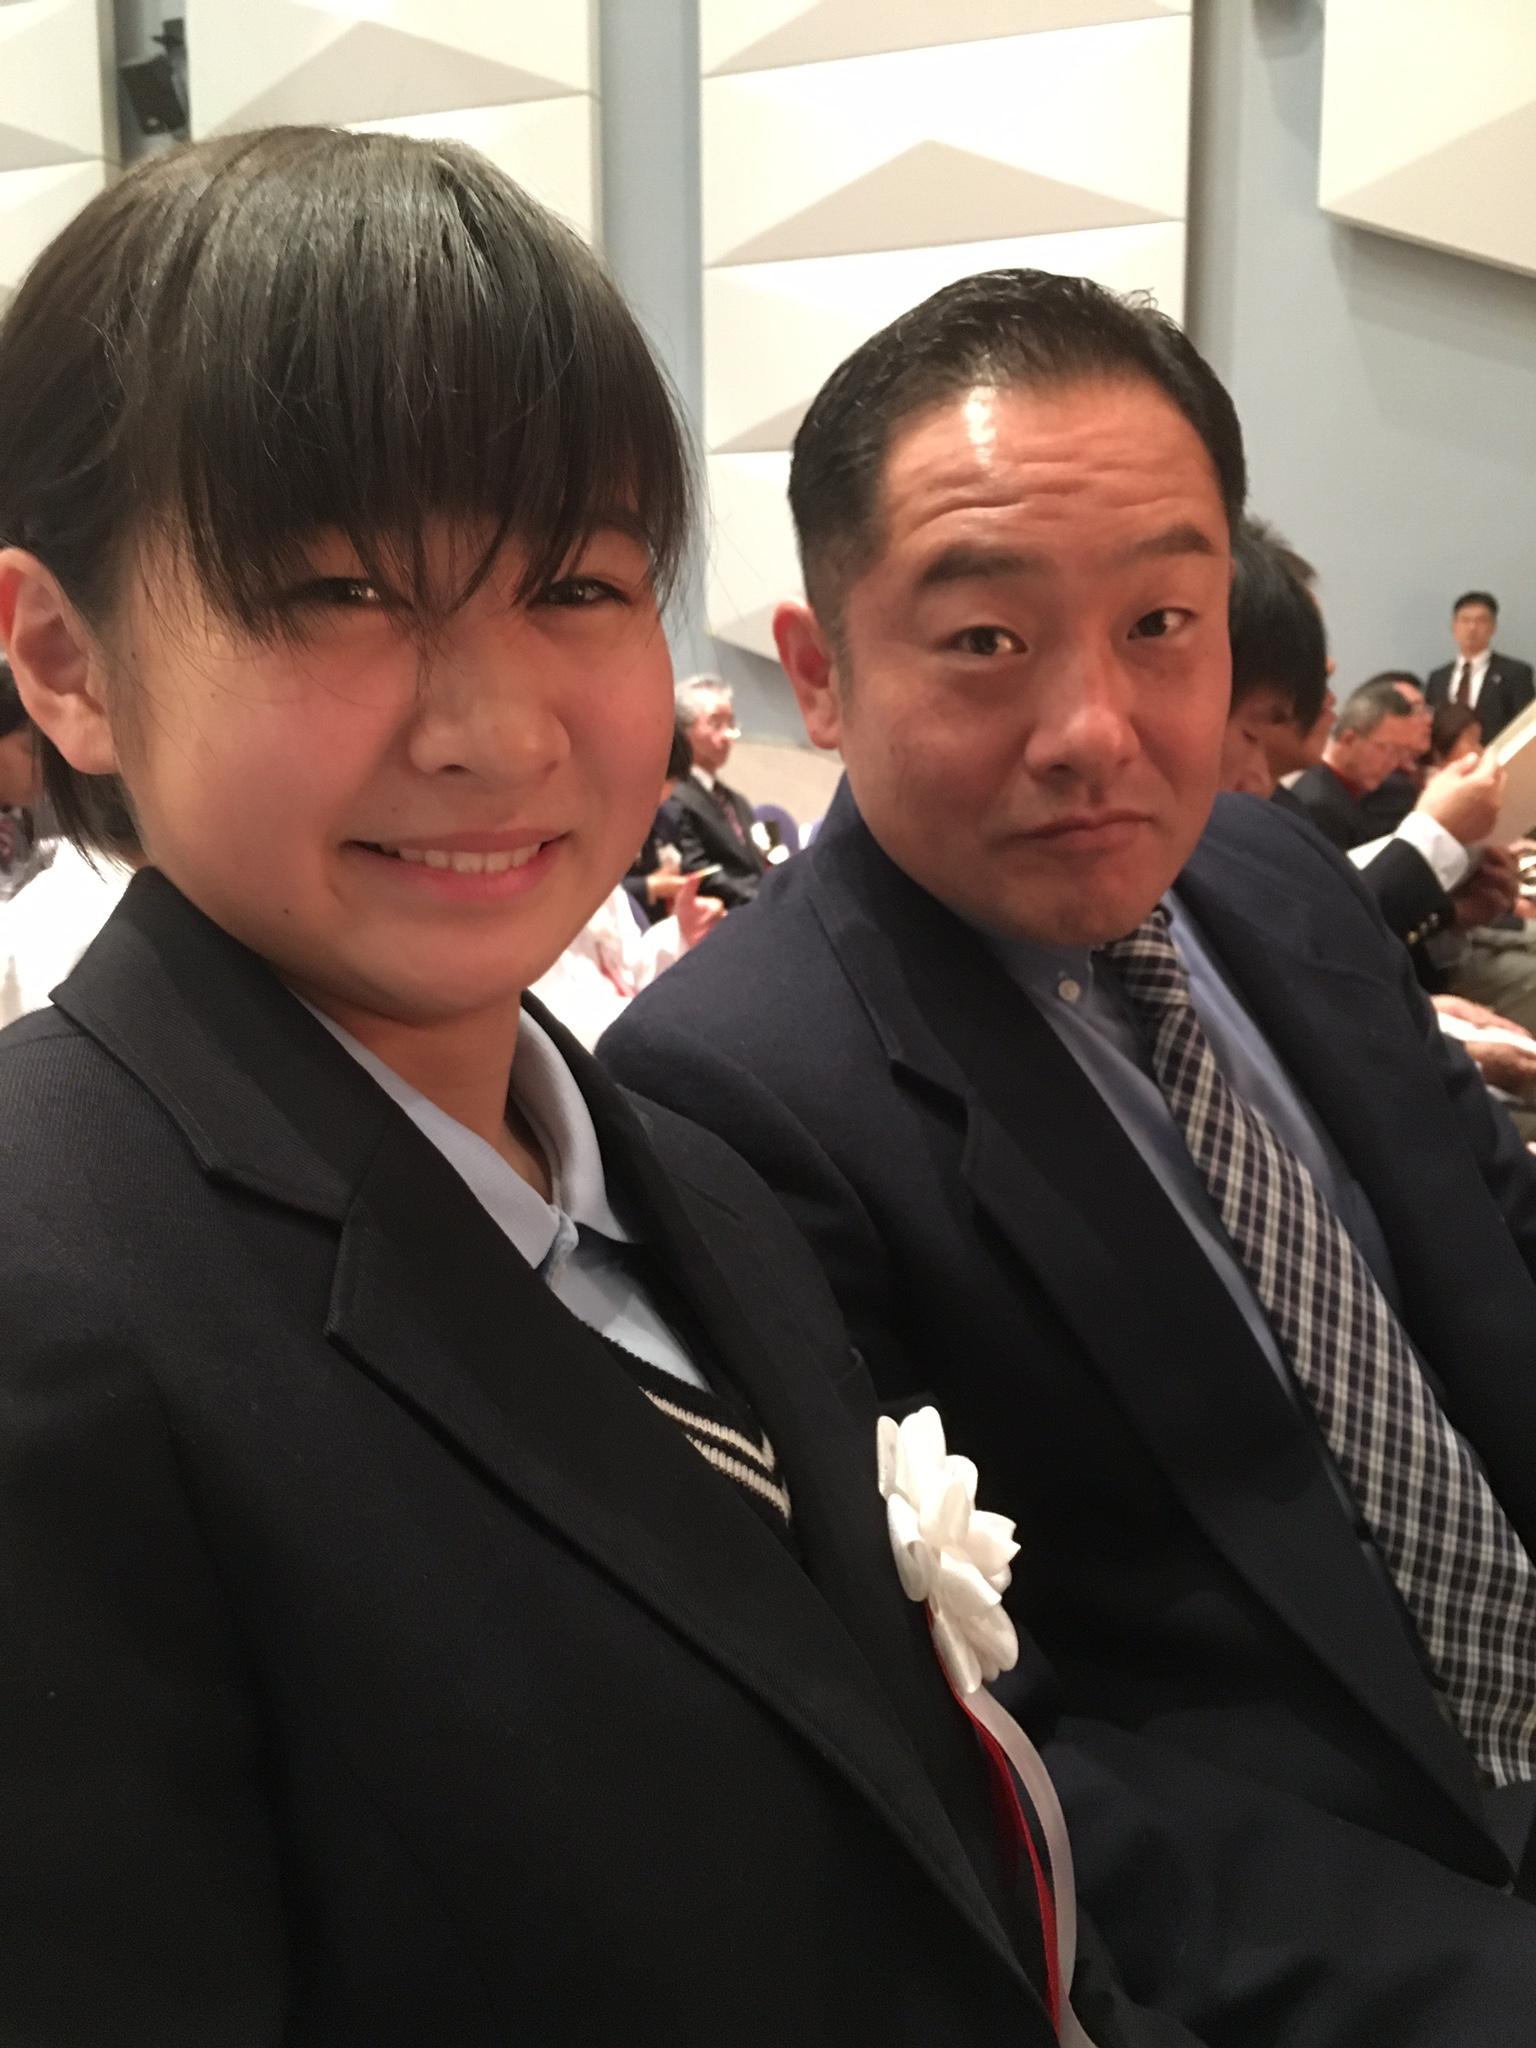 【座間市スポーツ人の集い】小生も表彰を受けて来ました。